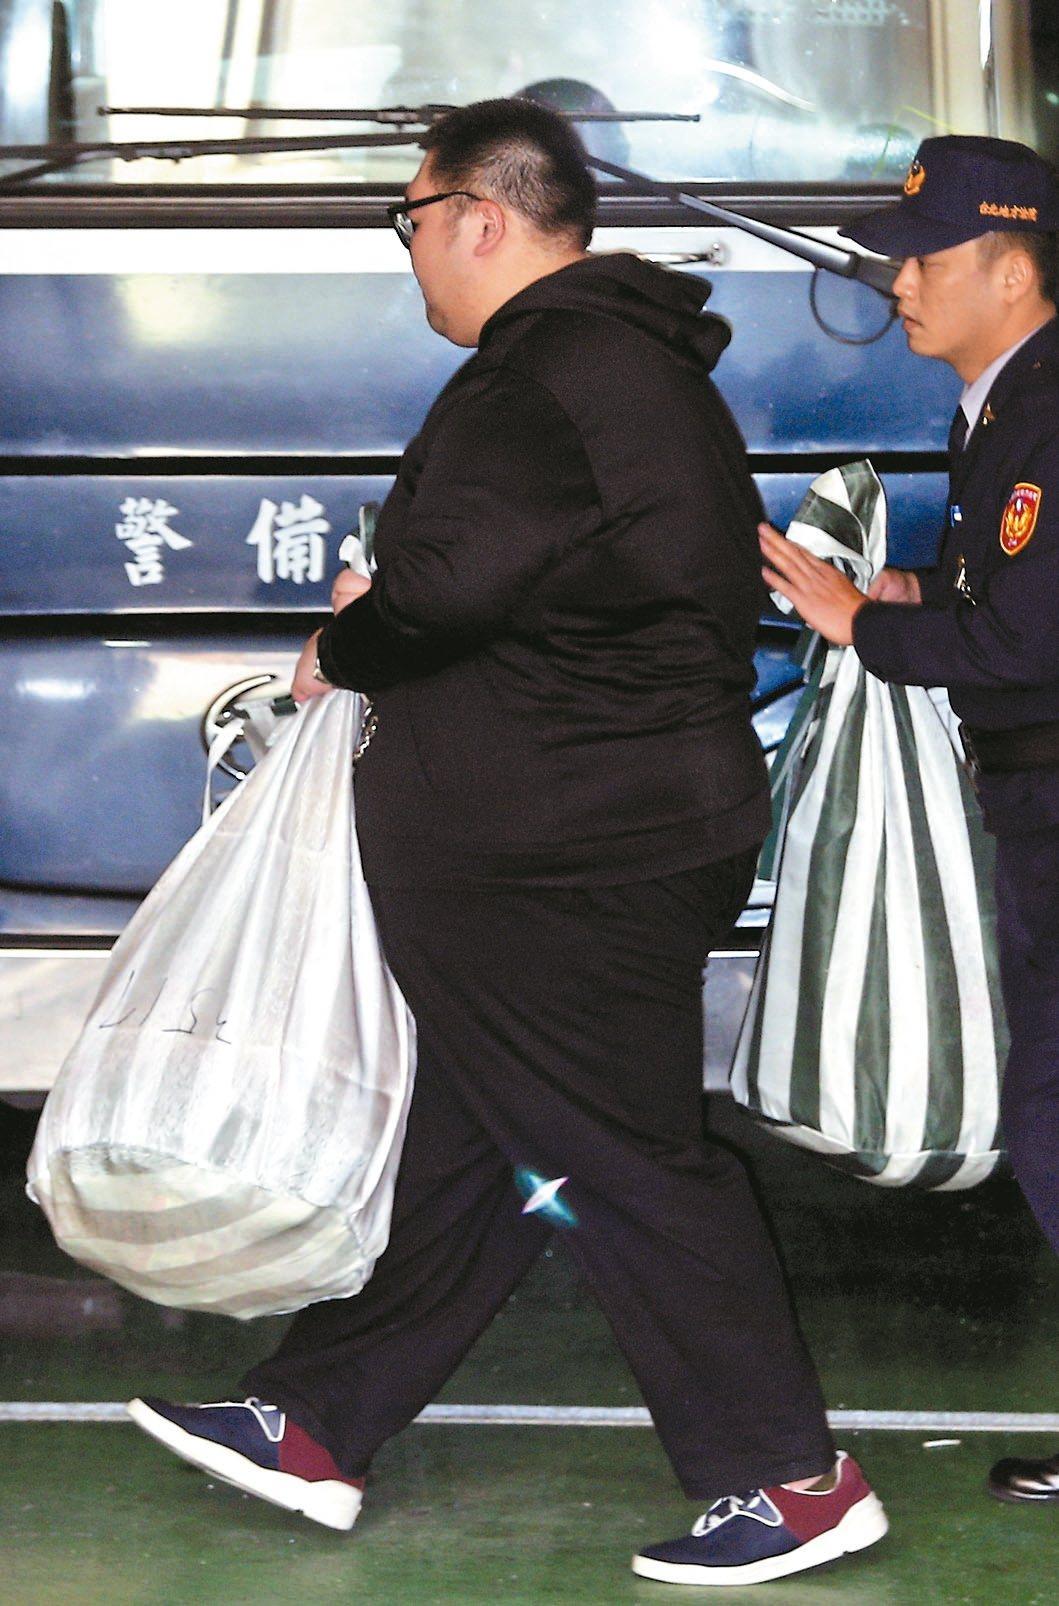 朱家龍勒戒期滿,台北地院裁定羈押。 聯合報系資料照片/記者蘇健忠攝影